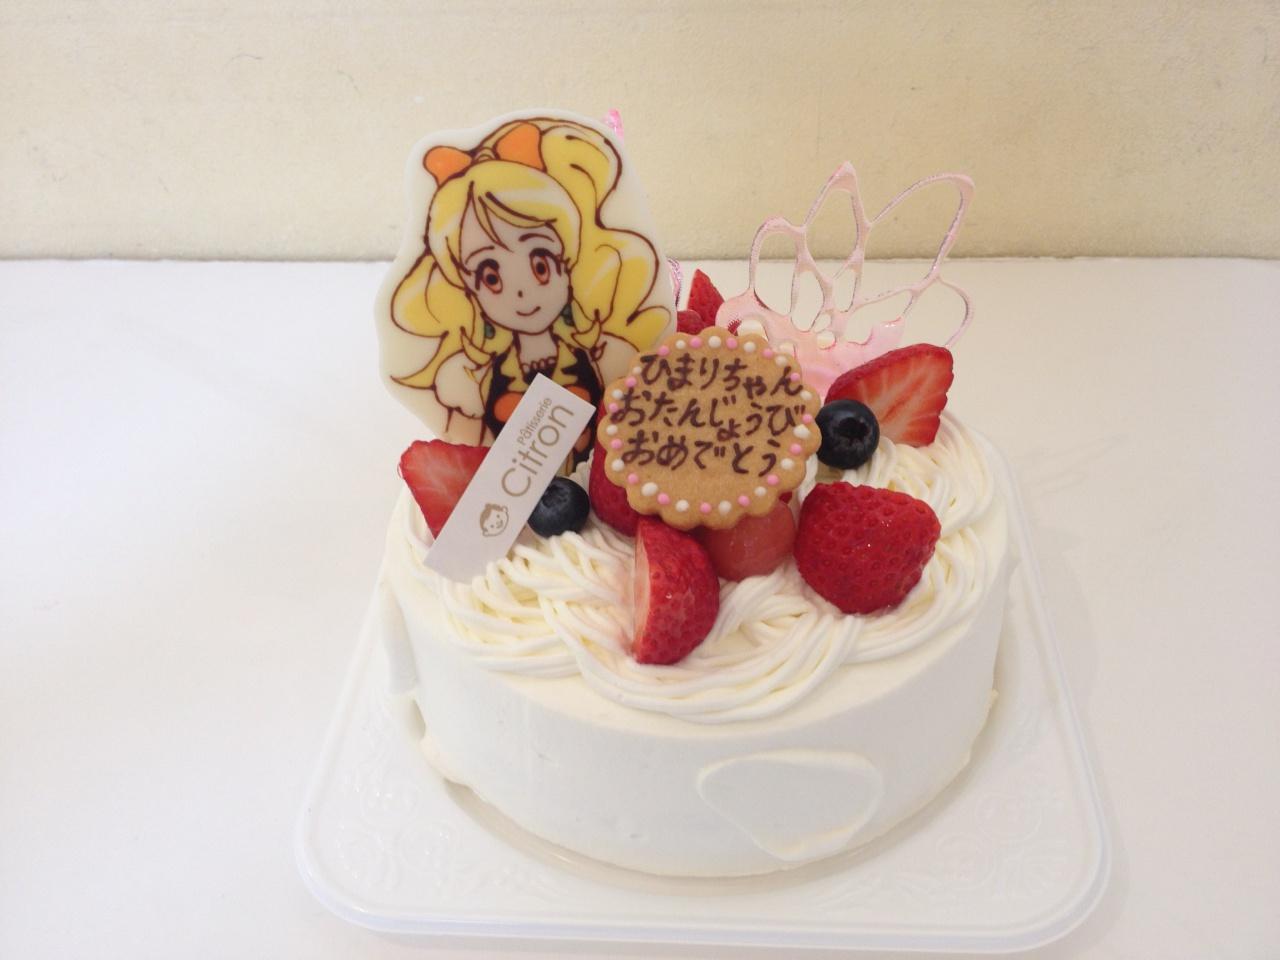 ウエディングケーキ ウエディングケーキ プーさん : ハピネスチャージプリキュア ...